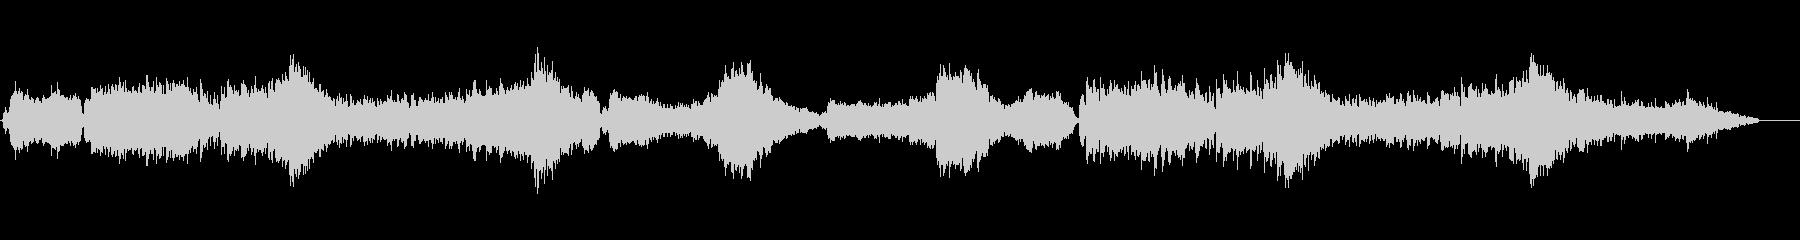 BGM的であり感動を演出するツボを持つ曲の未再生の波形